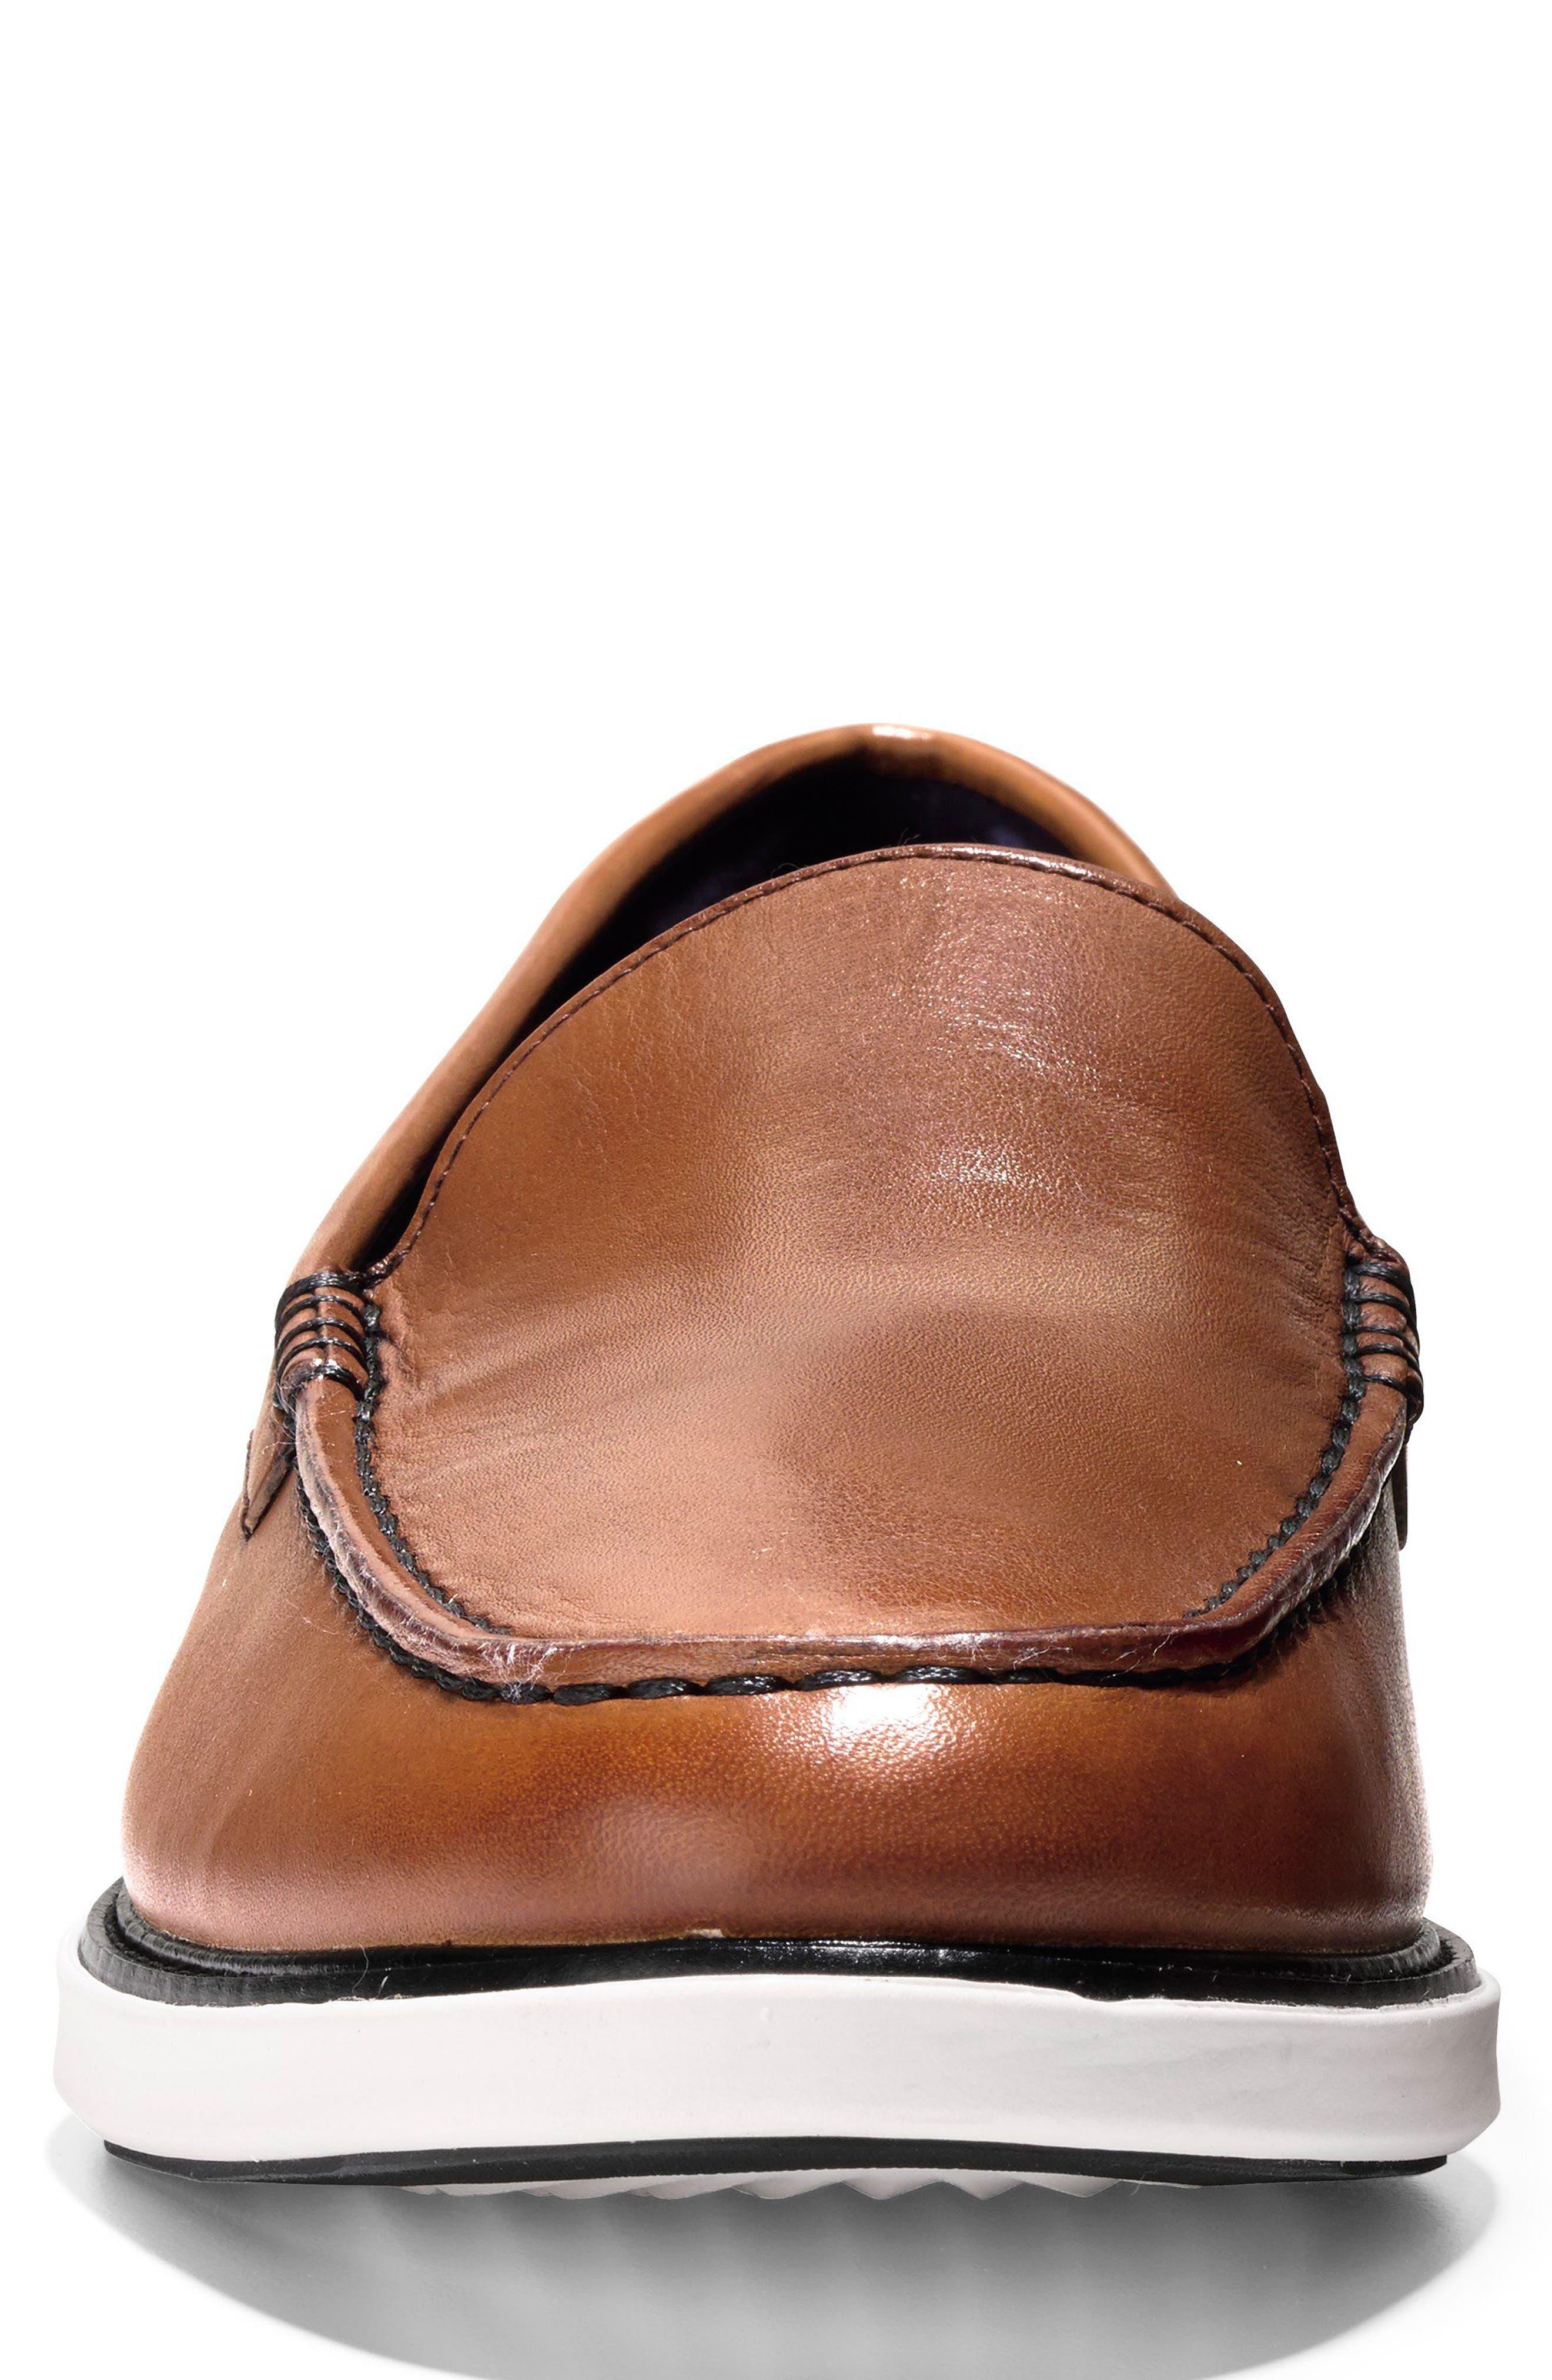 GrandEvølution Venetian Loafer,                             Alternate thumbnail 19, color,